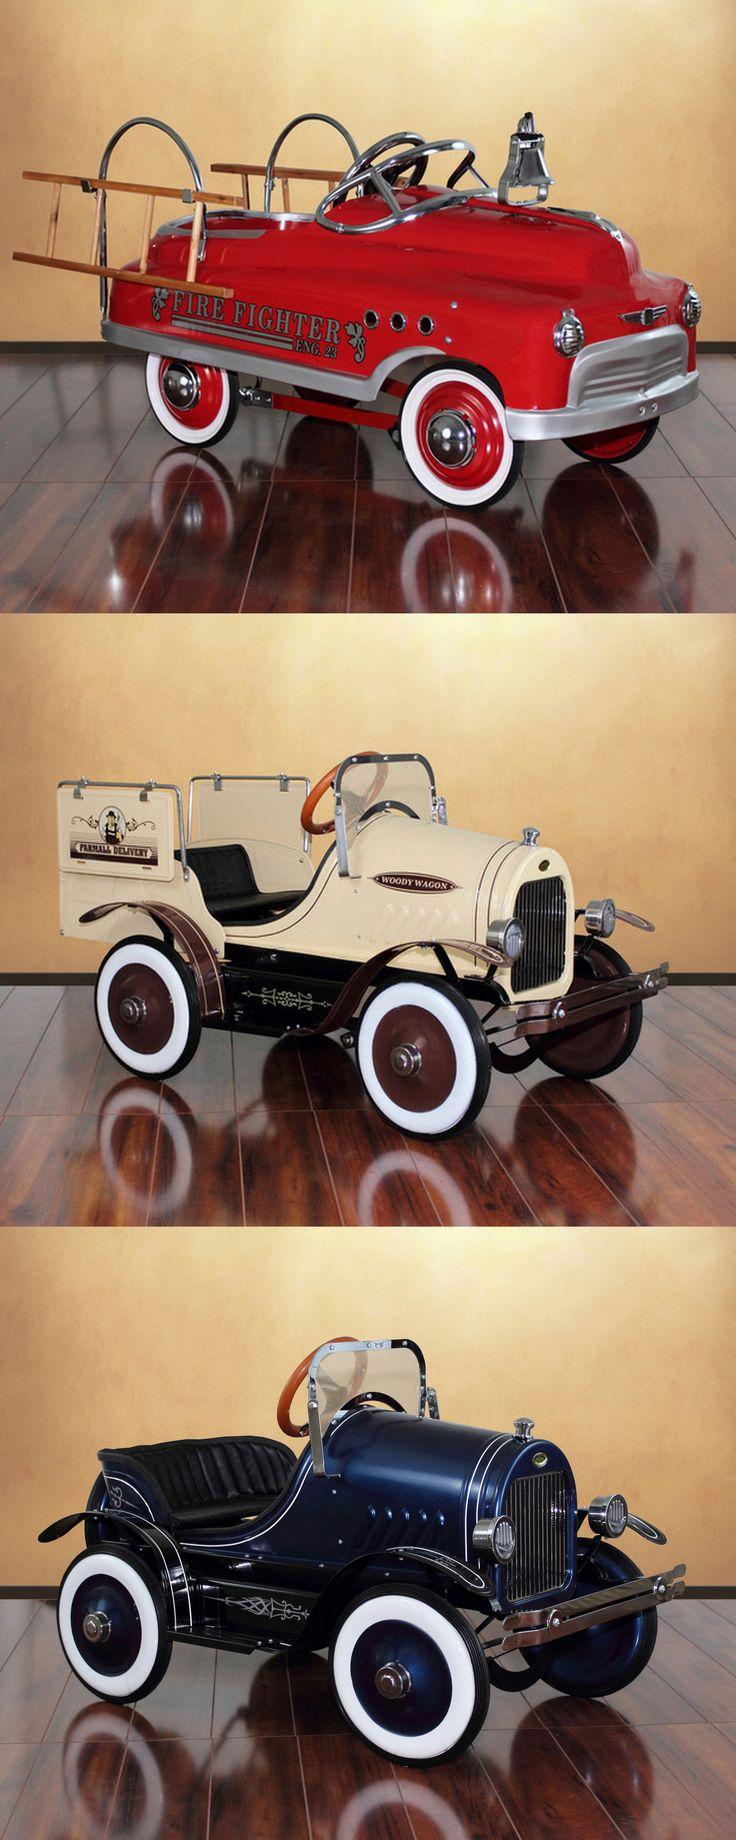 Mini Pedal Cars                                                                                                                                                      More